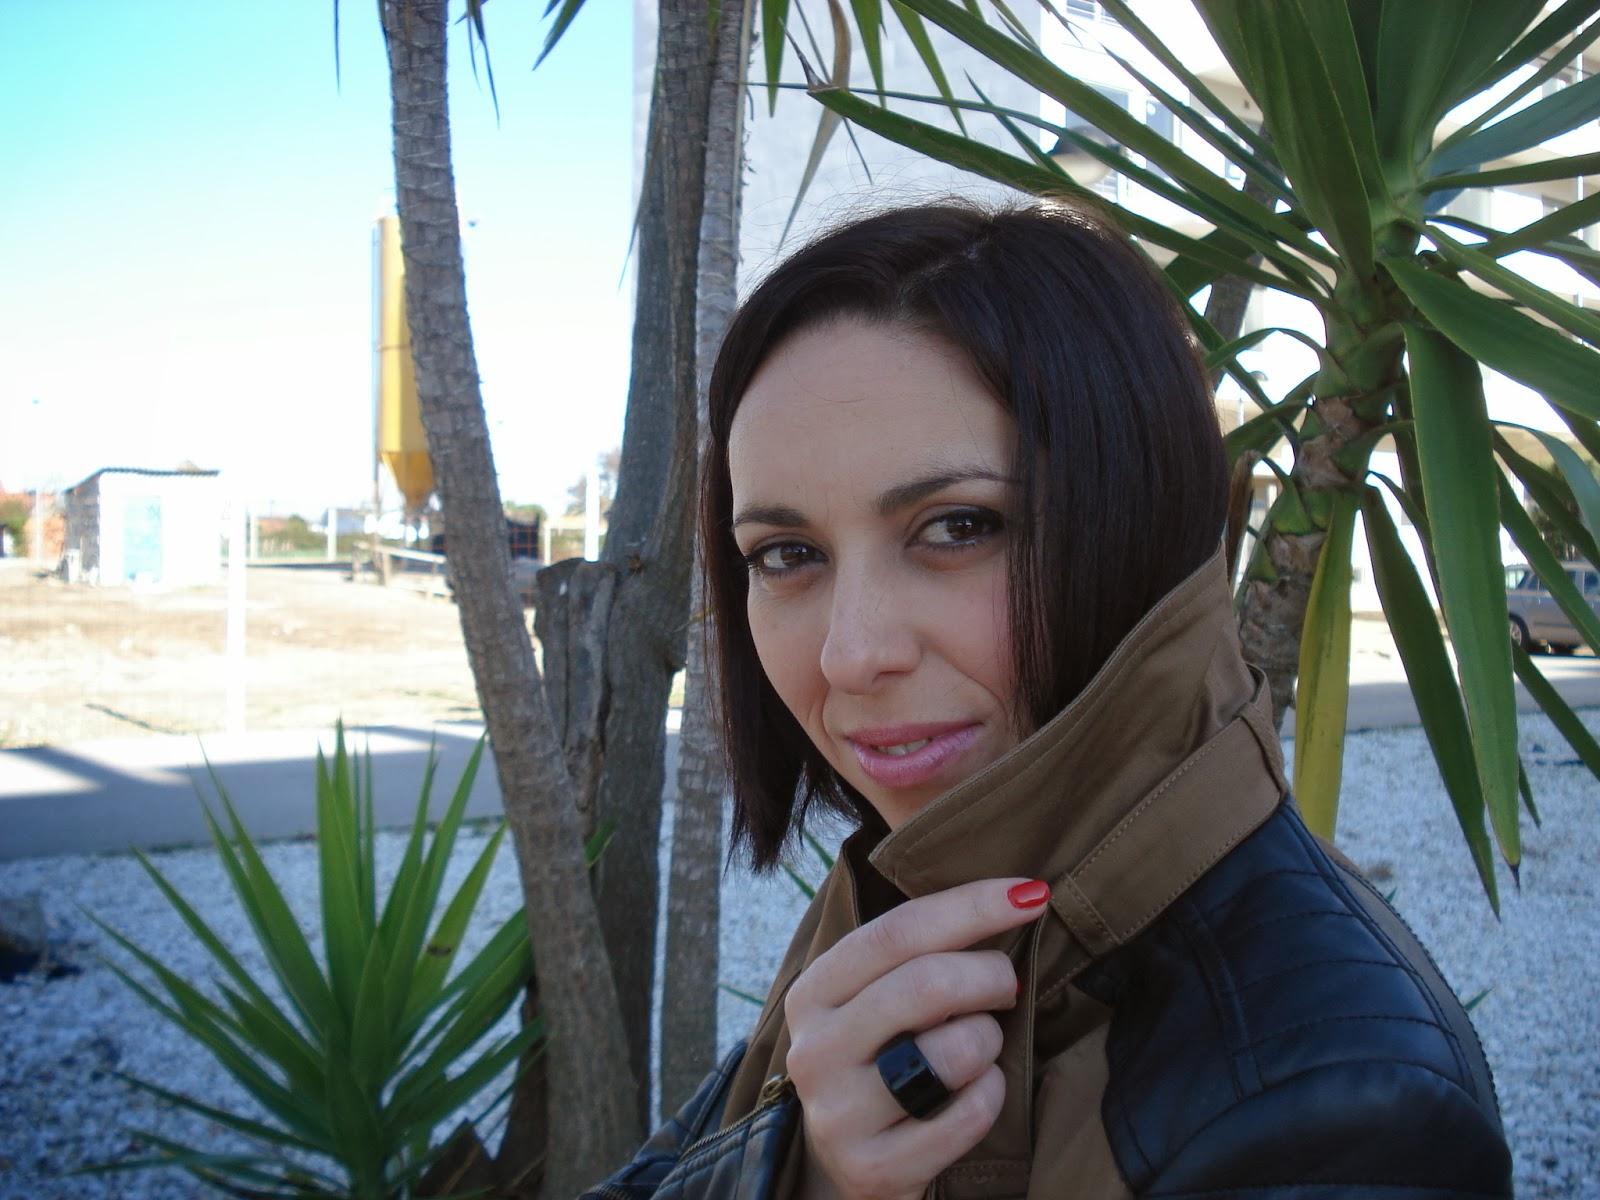 moda, sapatinho, blog, blogue, blogger, celebridades, look, visual, Manuela, Simões